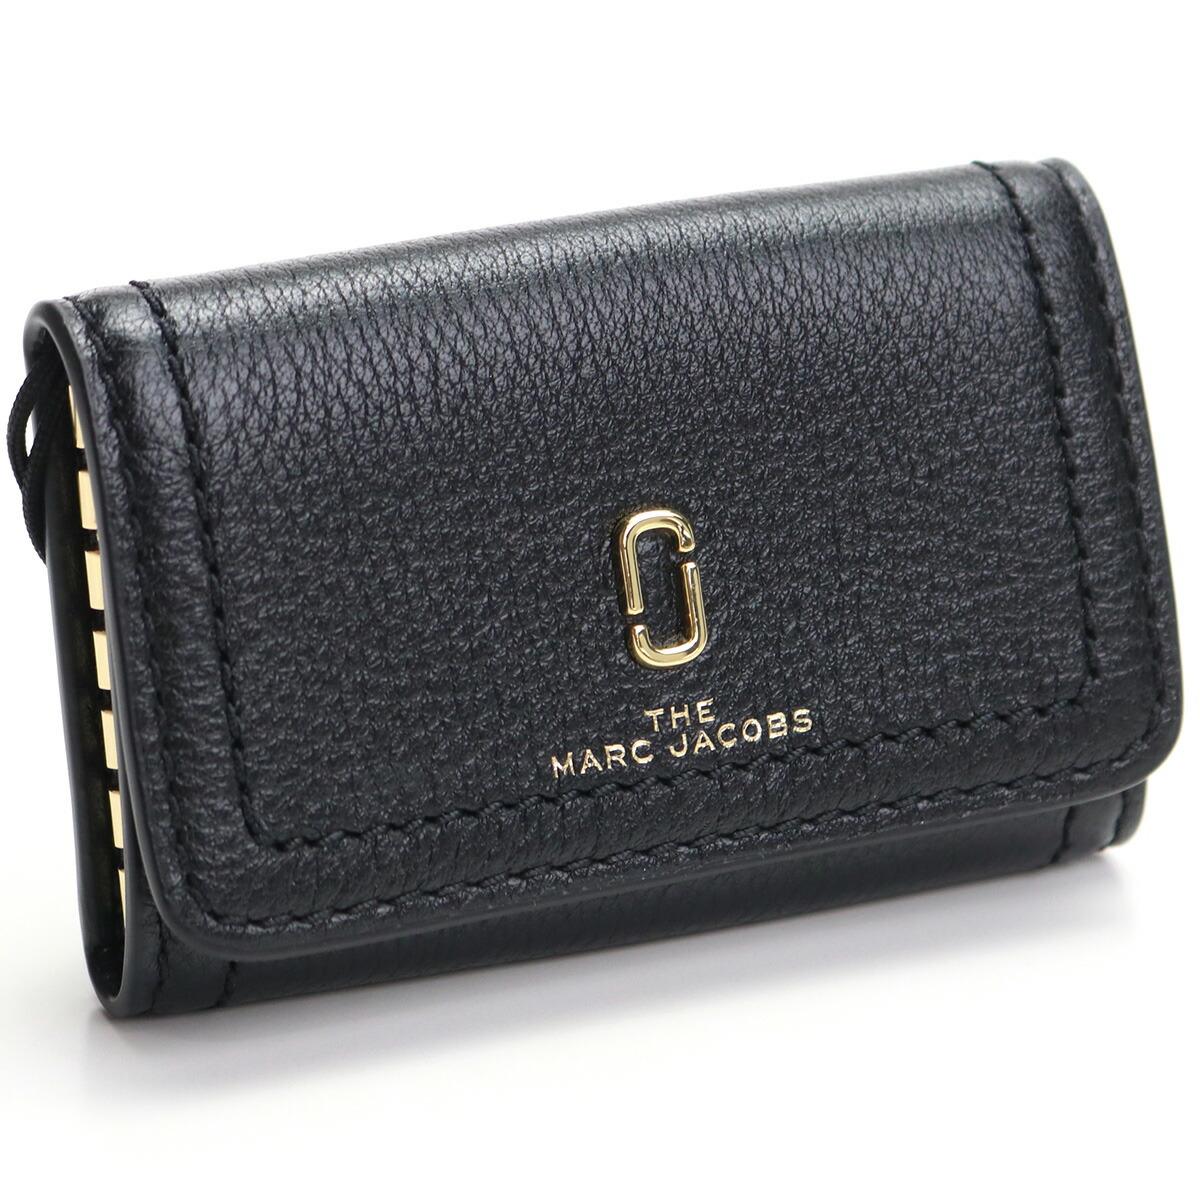 マーク・ジェイコブス MARC JACOBS KEY CASE 6連キーケース M0016796 001 BLACK ブラック gsw-3